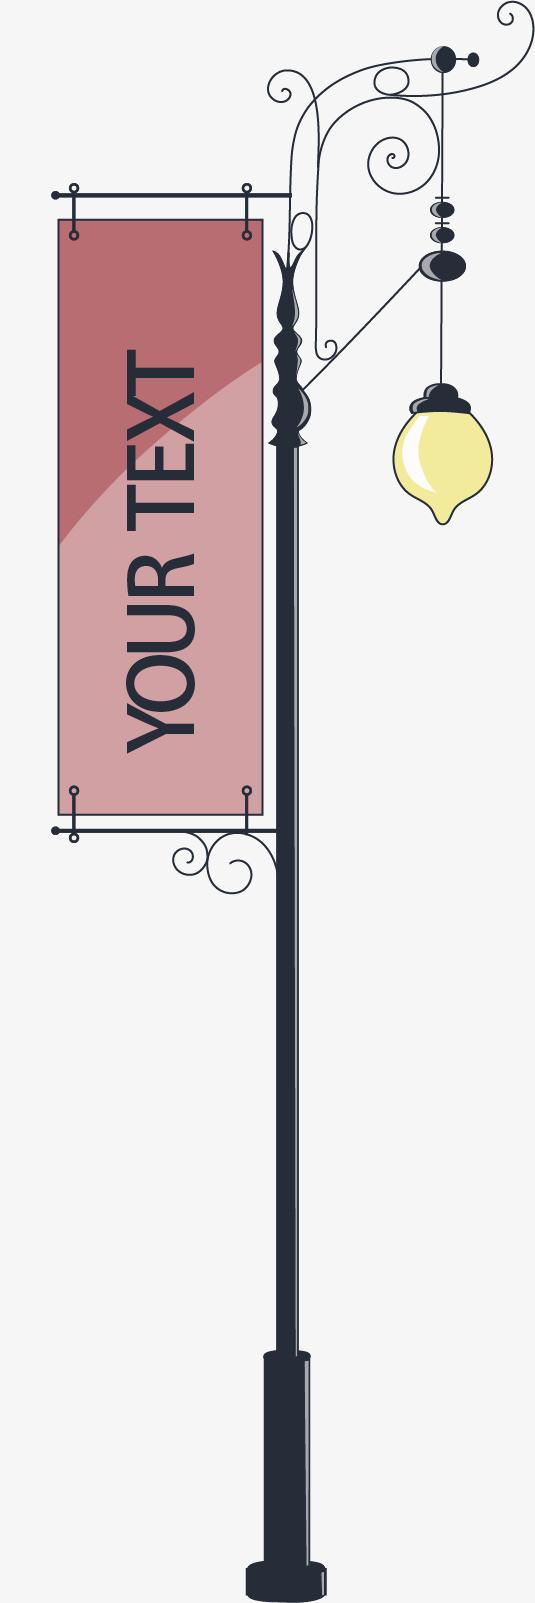 挂广告牌的路灯设计矢量素材图片